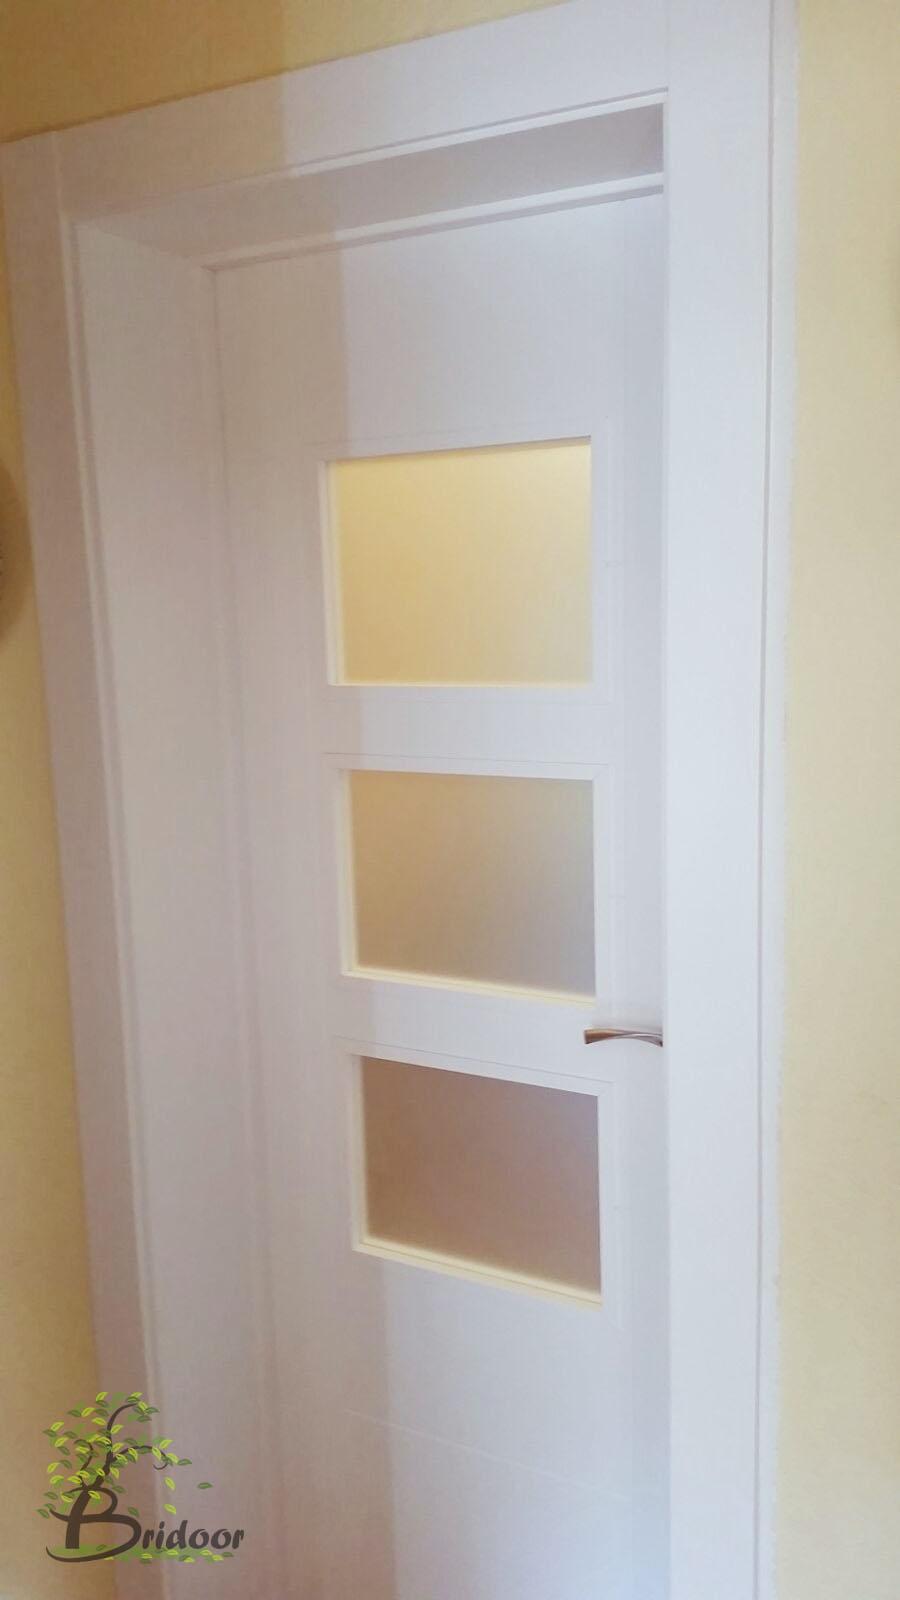 Bridoor s l vivienda lacada paracuellos del jarama - Puertas de cristal para interiores ...